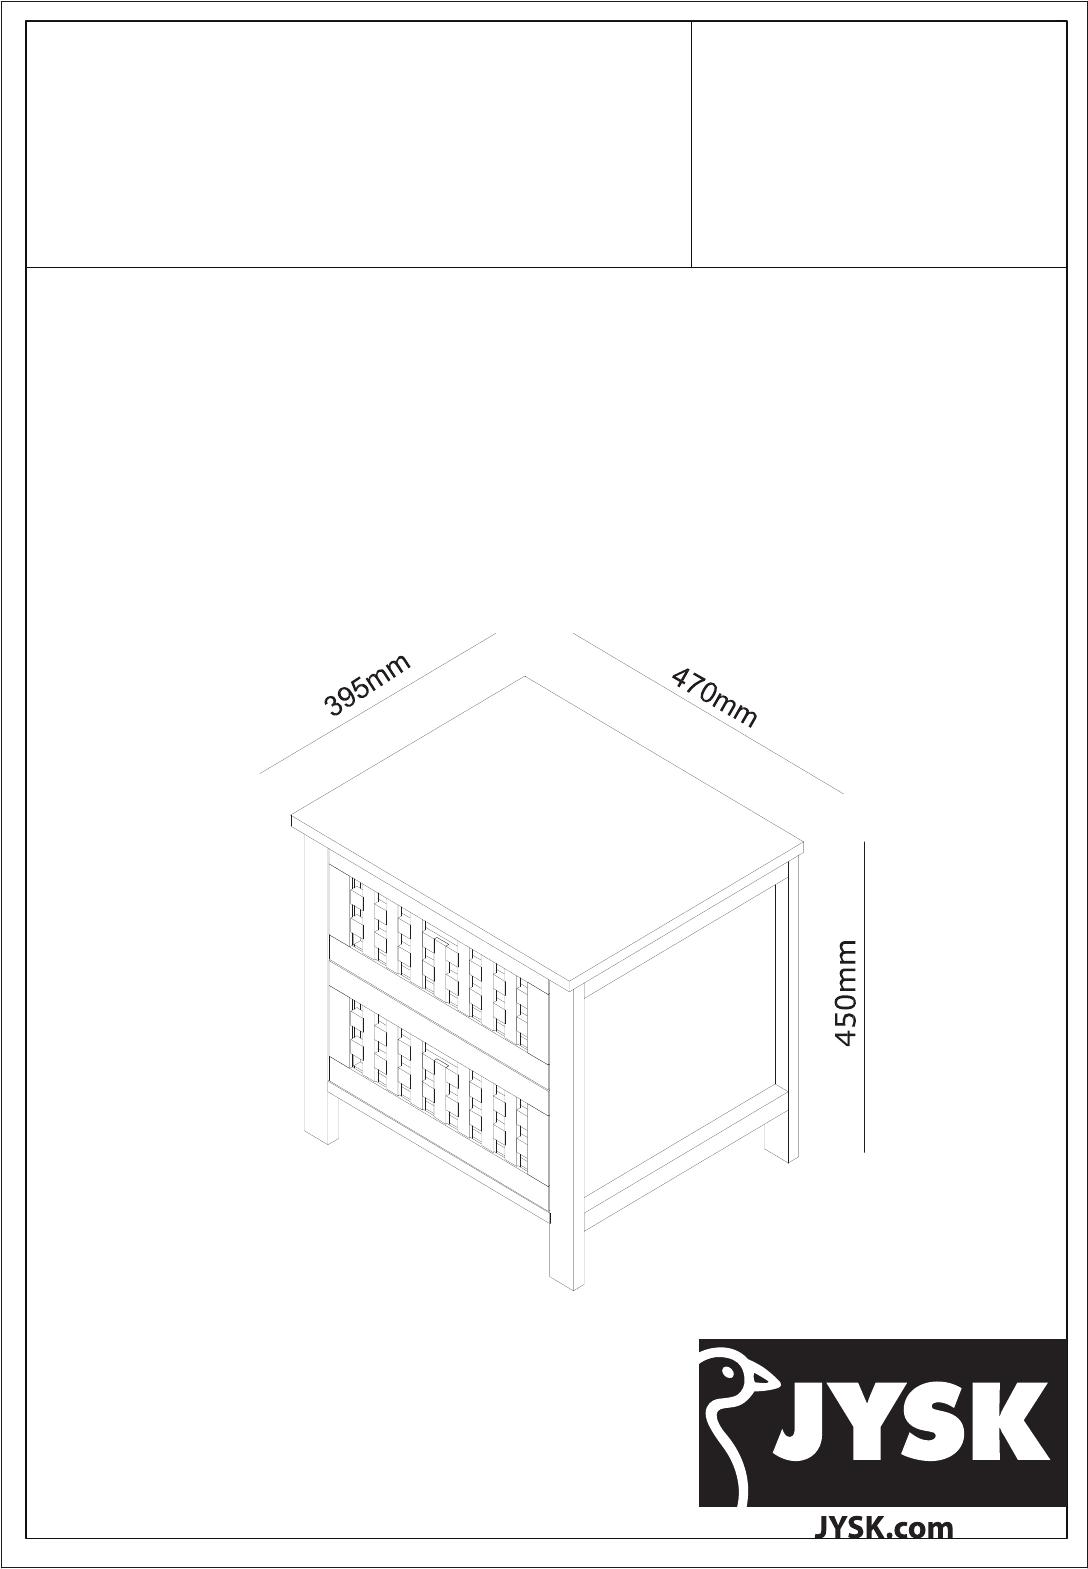 JYSK Mode MALT12 des d'emploi pages BCWrxoeEQd